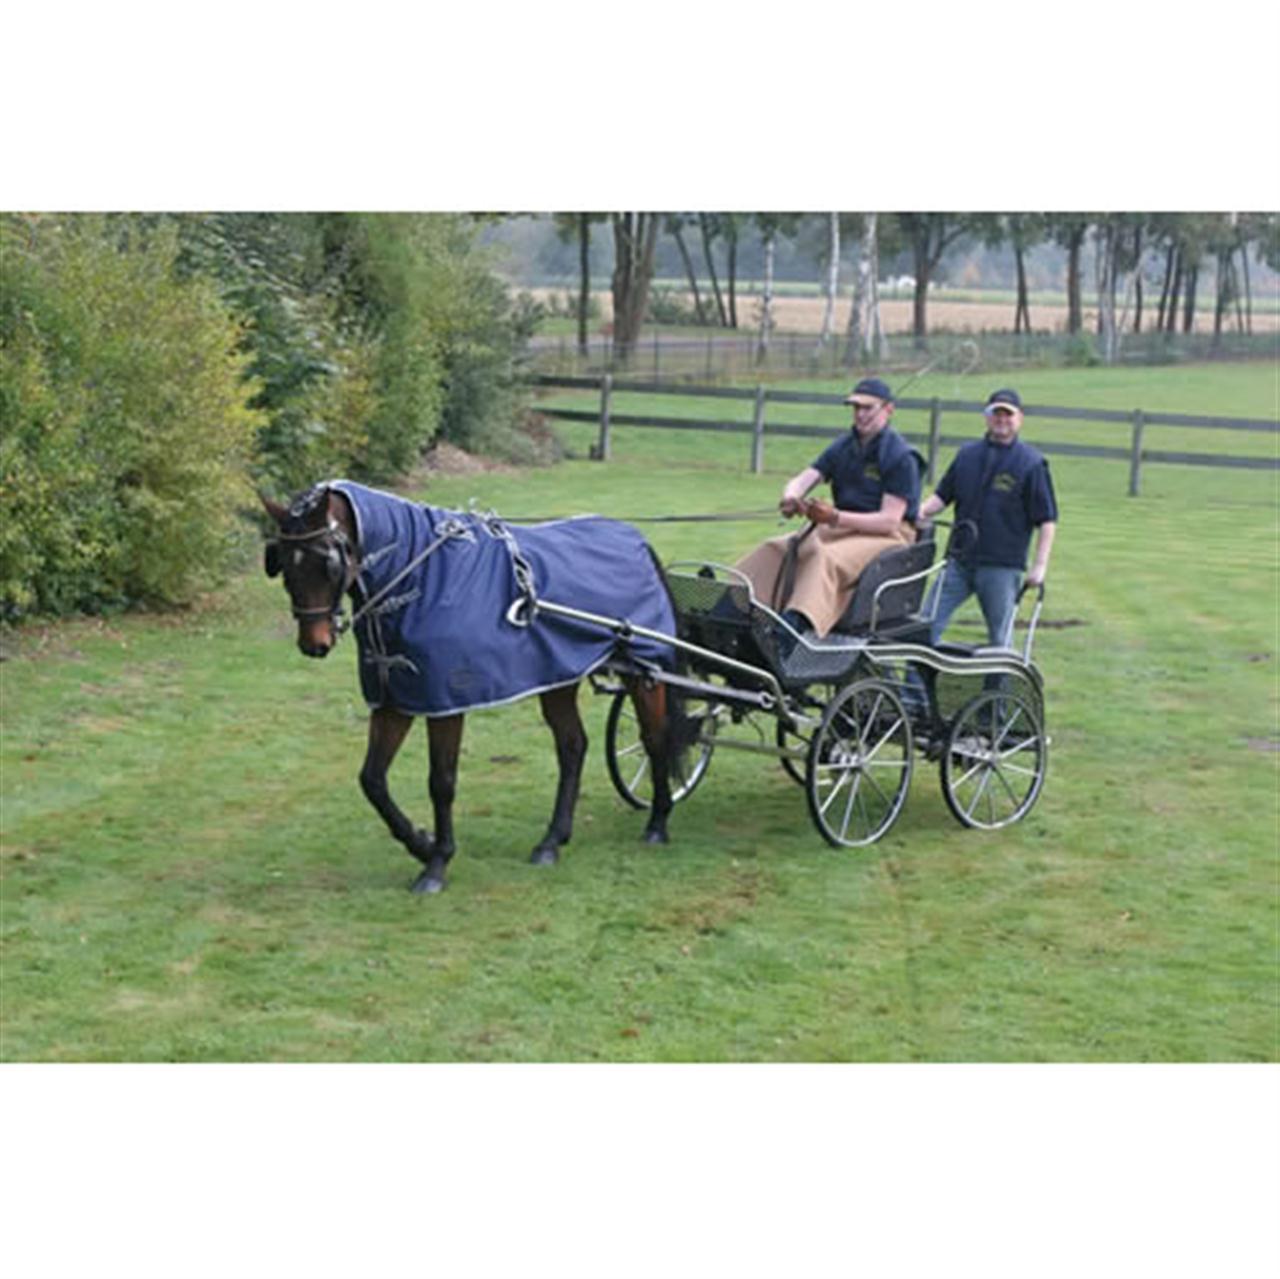 Ideal Equestrian waterafstotende mendeken blauw maat:175